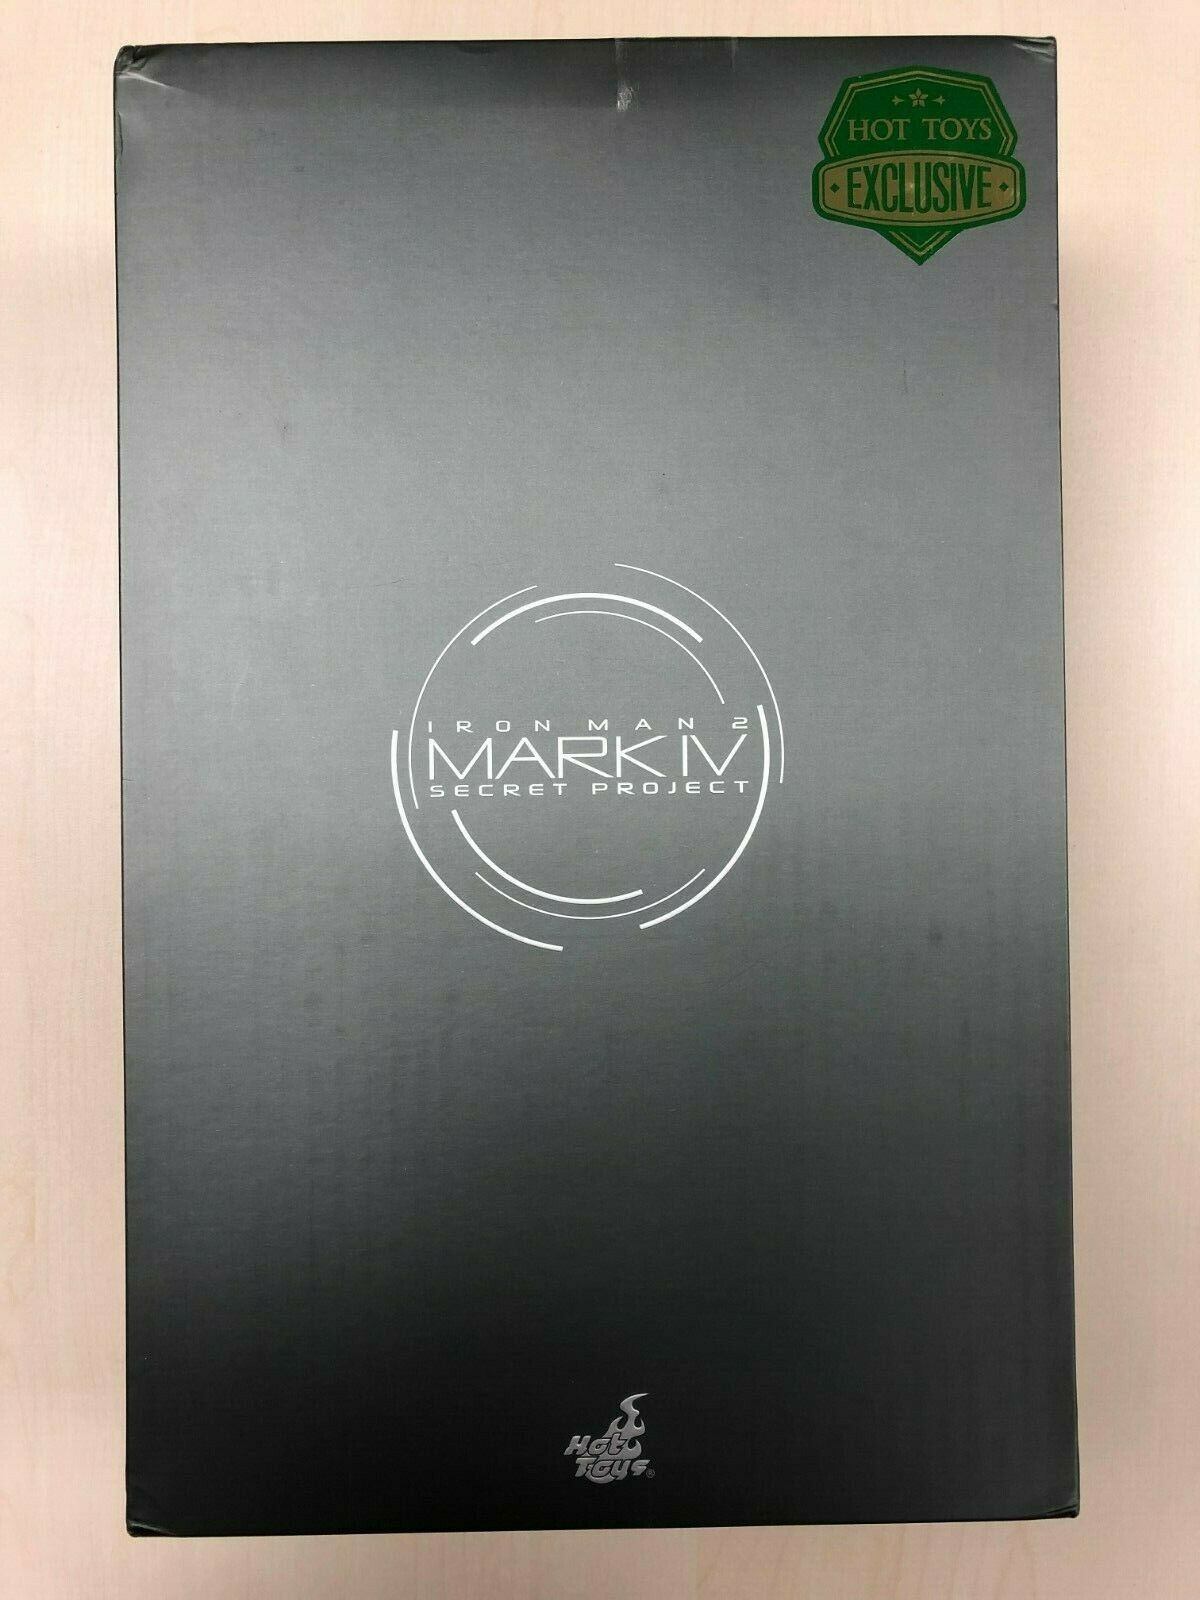 heta leksaker MMS 153 Iron Man 2 Mark IV iv 4 Tony stjärnak (Secret projekt Version) ANVÄNDNING